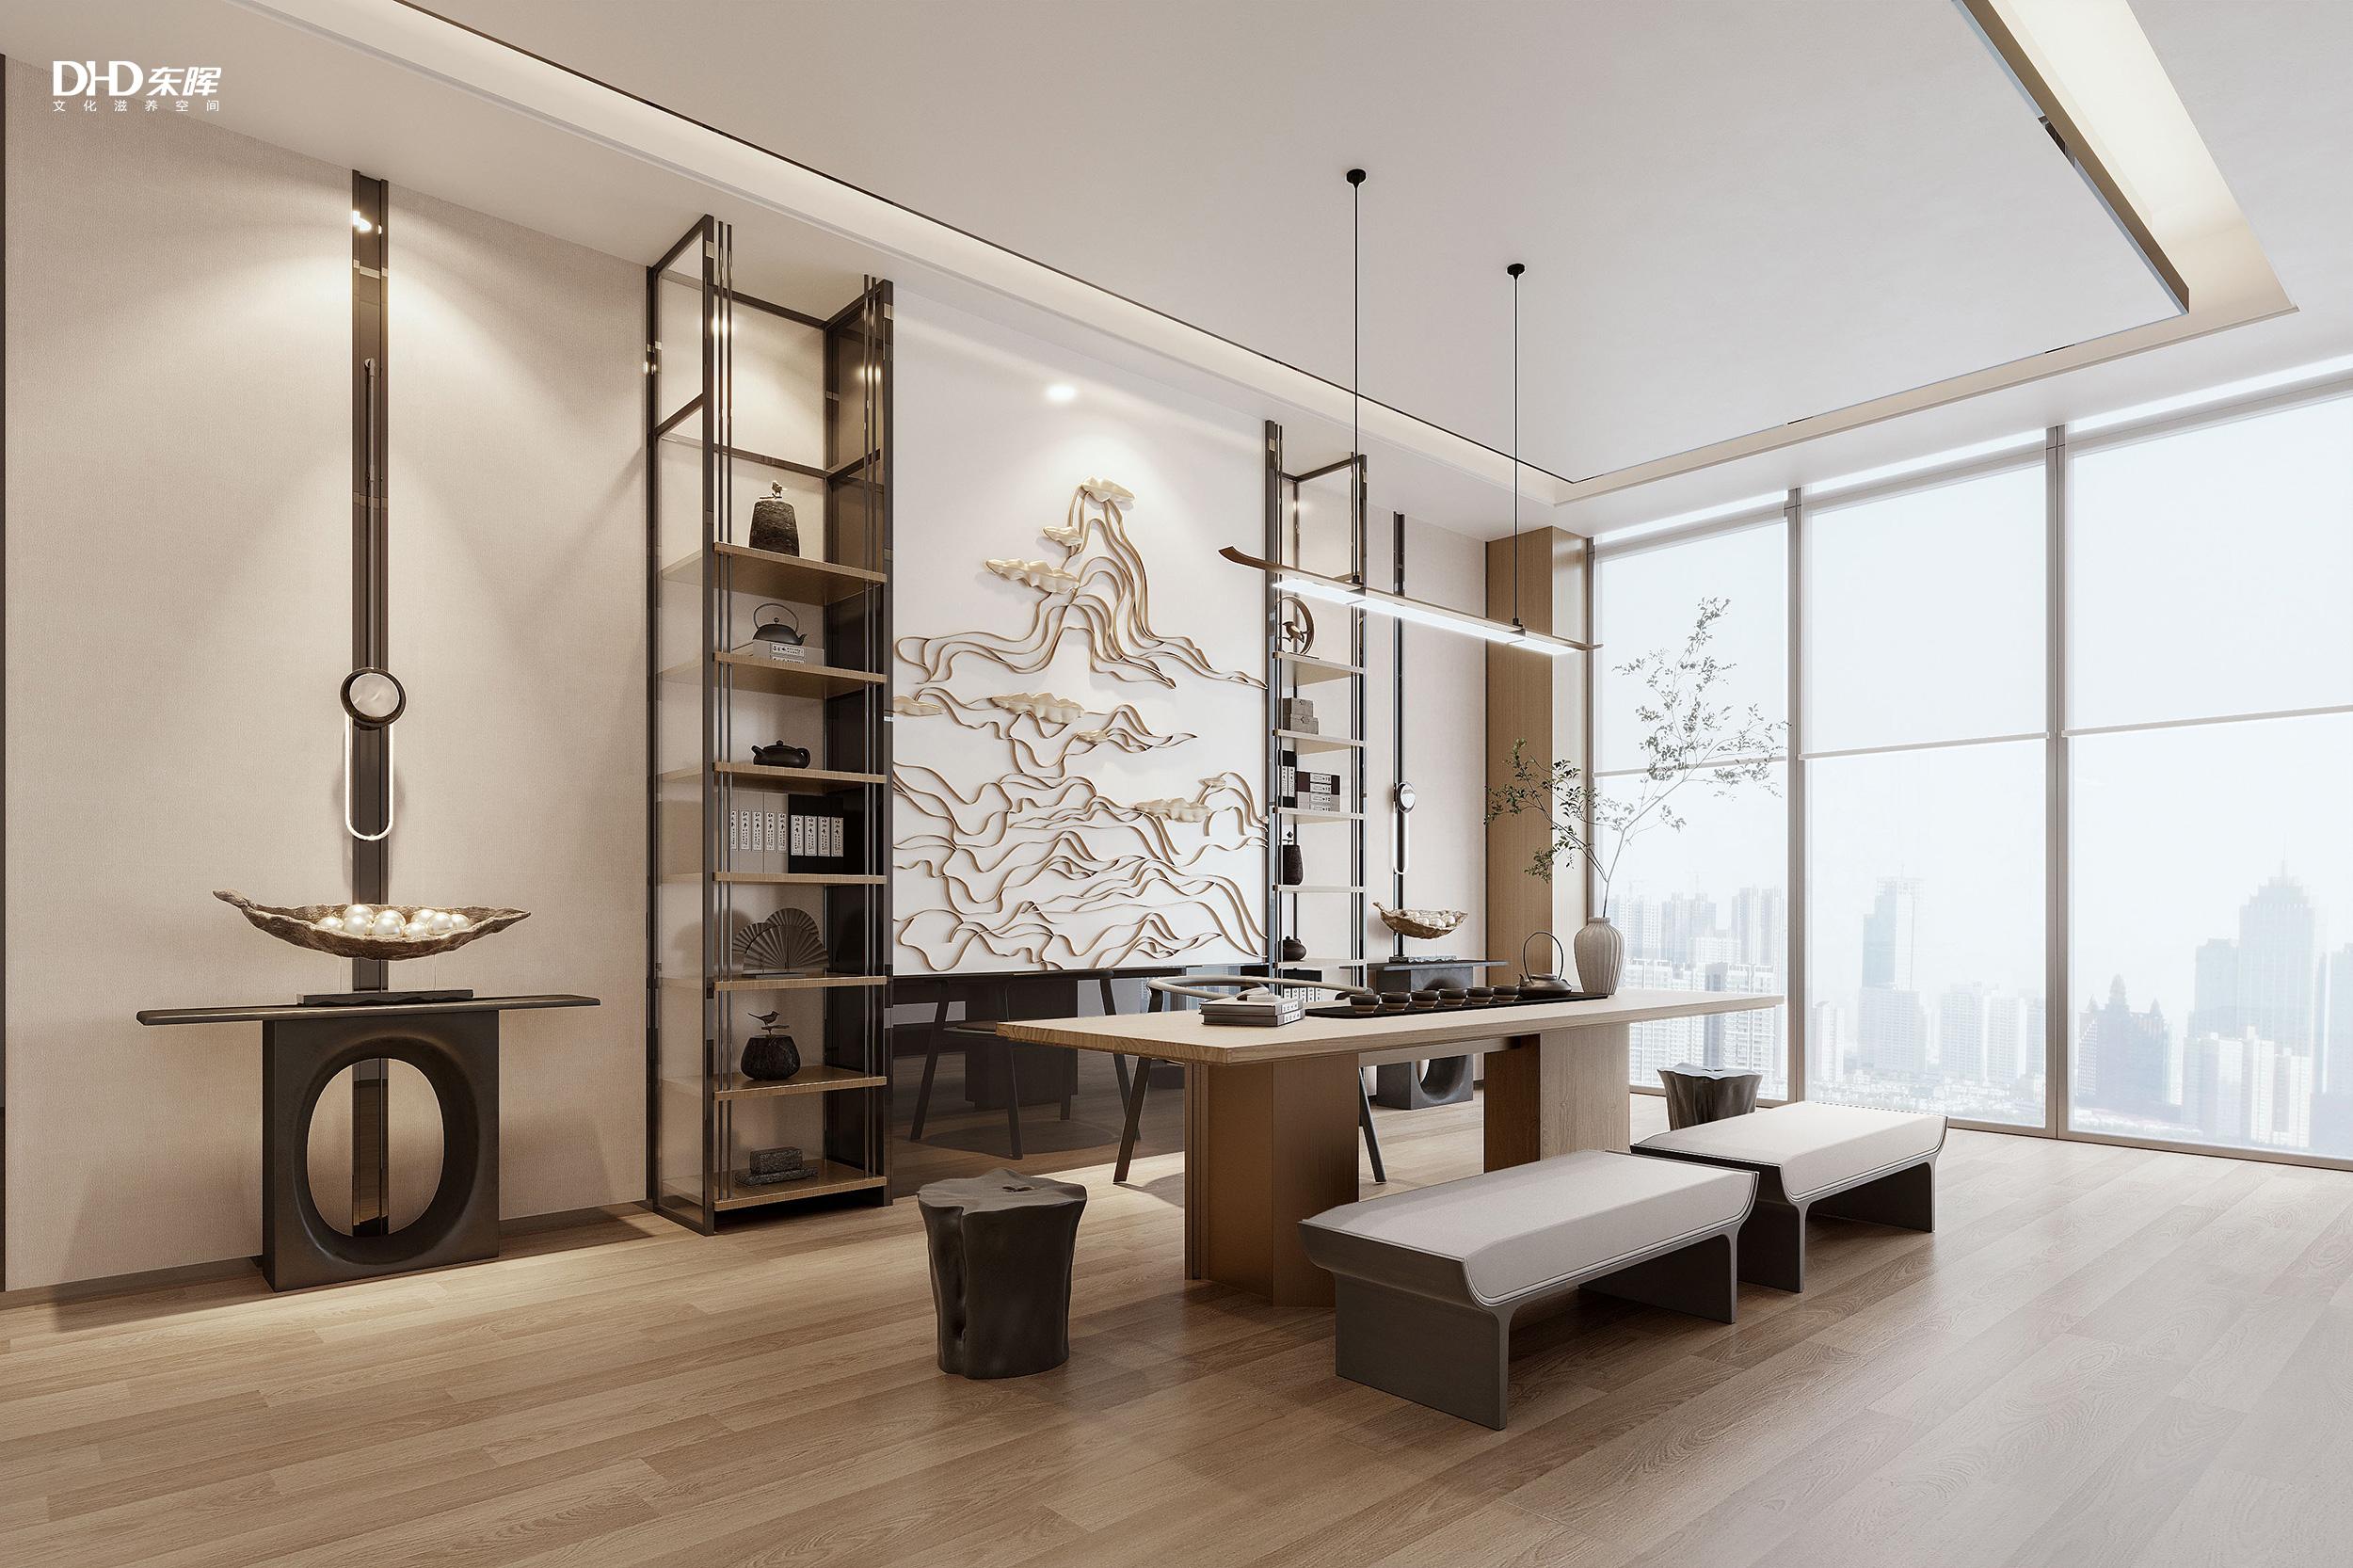 售楼中心设计案例,售楼处设计案例,售楼部设计公司案例